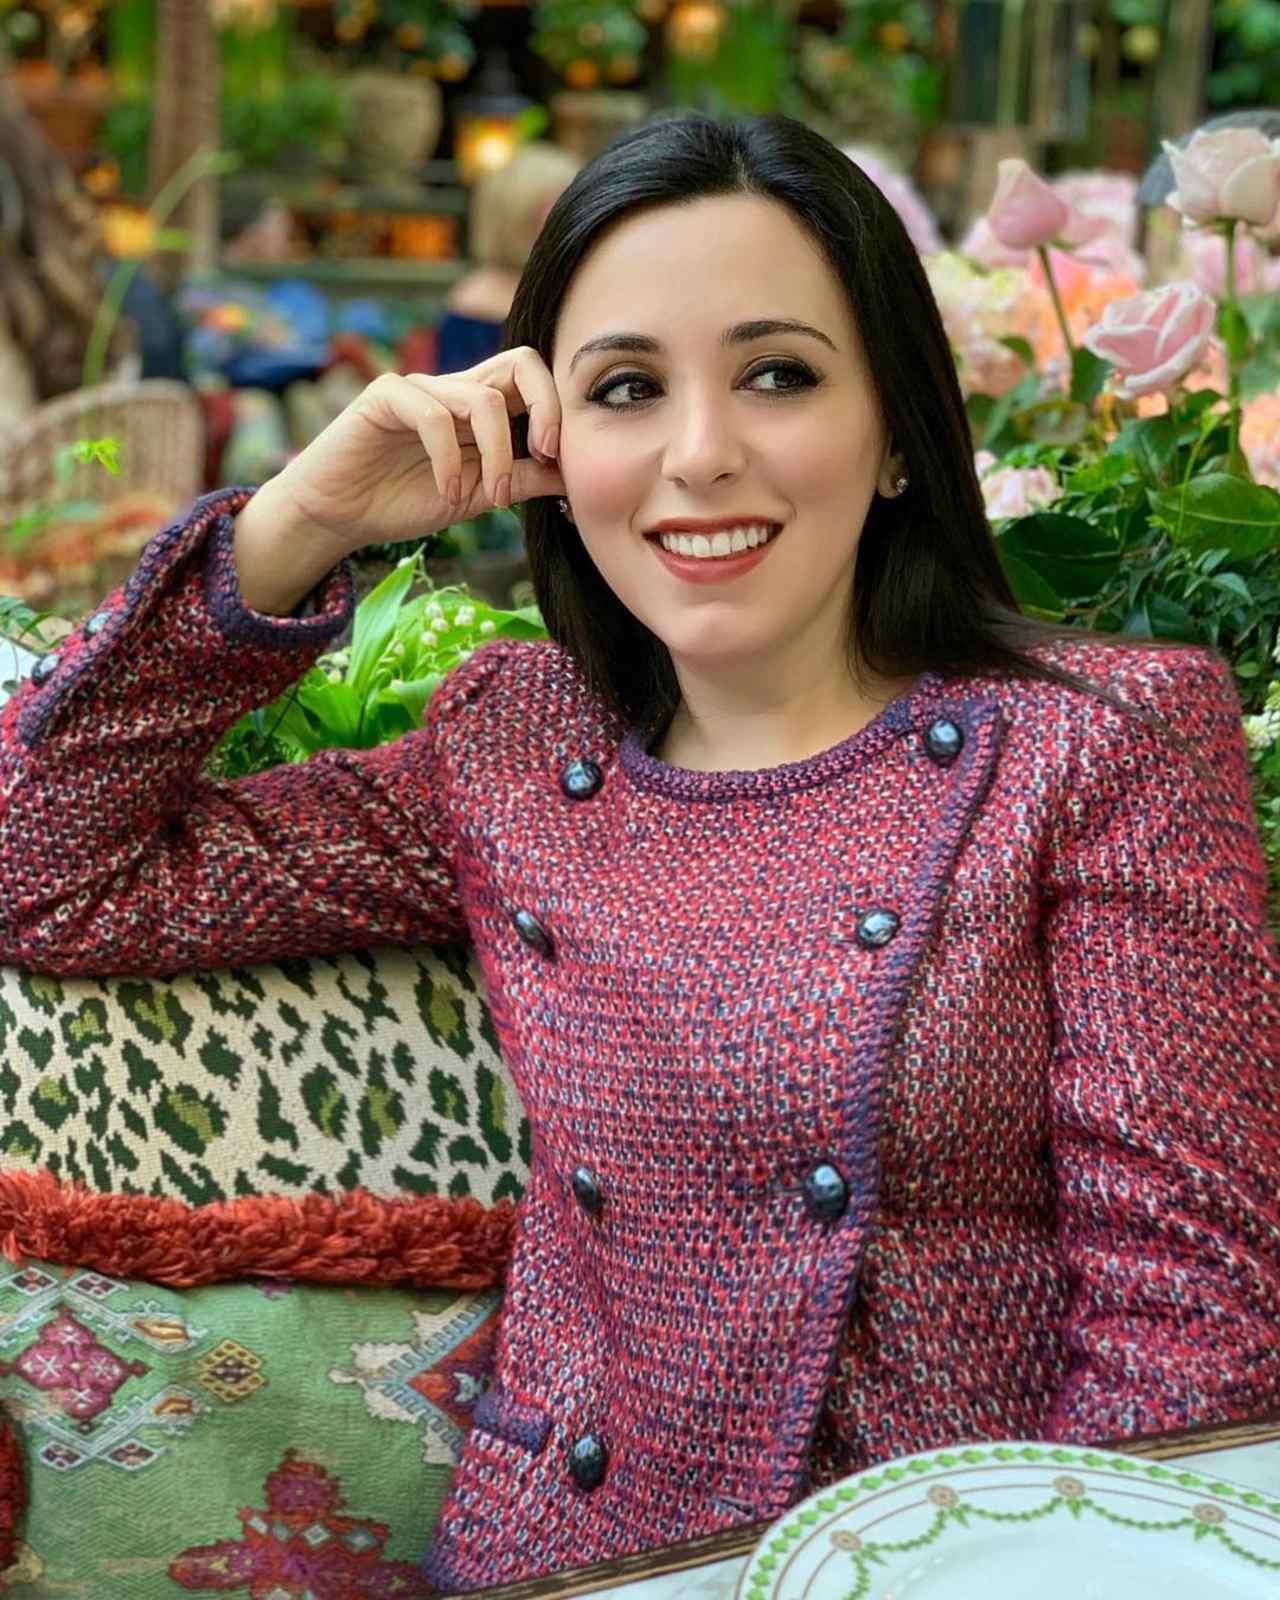 Hanna Jaff confiesa que su exesposo la obligó a pagar sus deudas